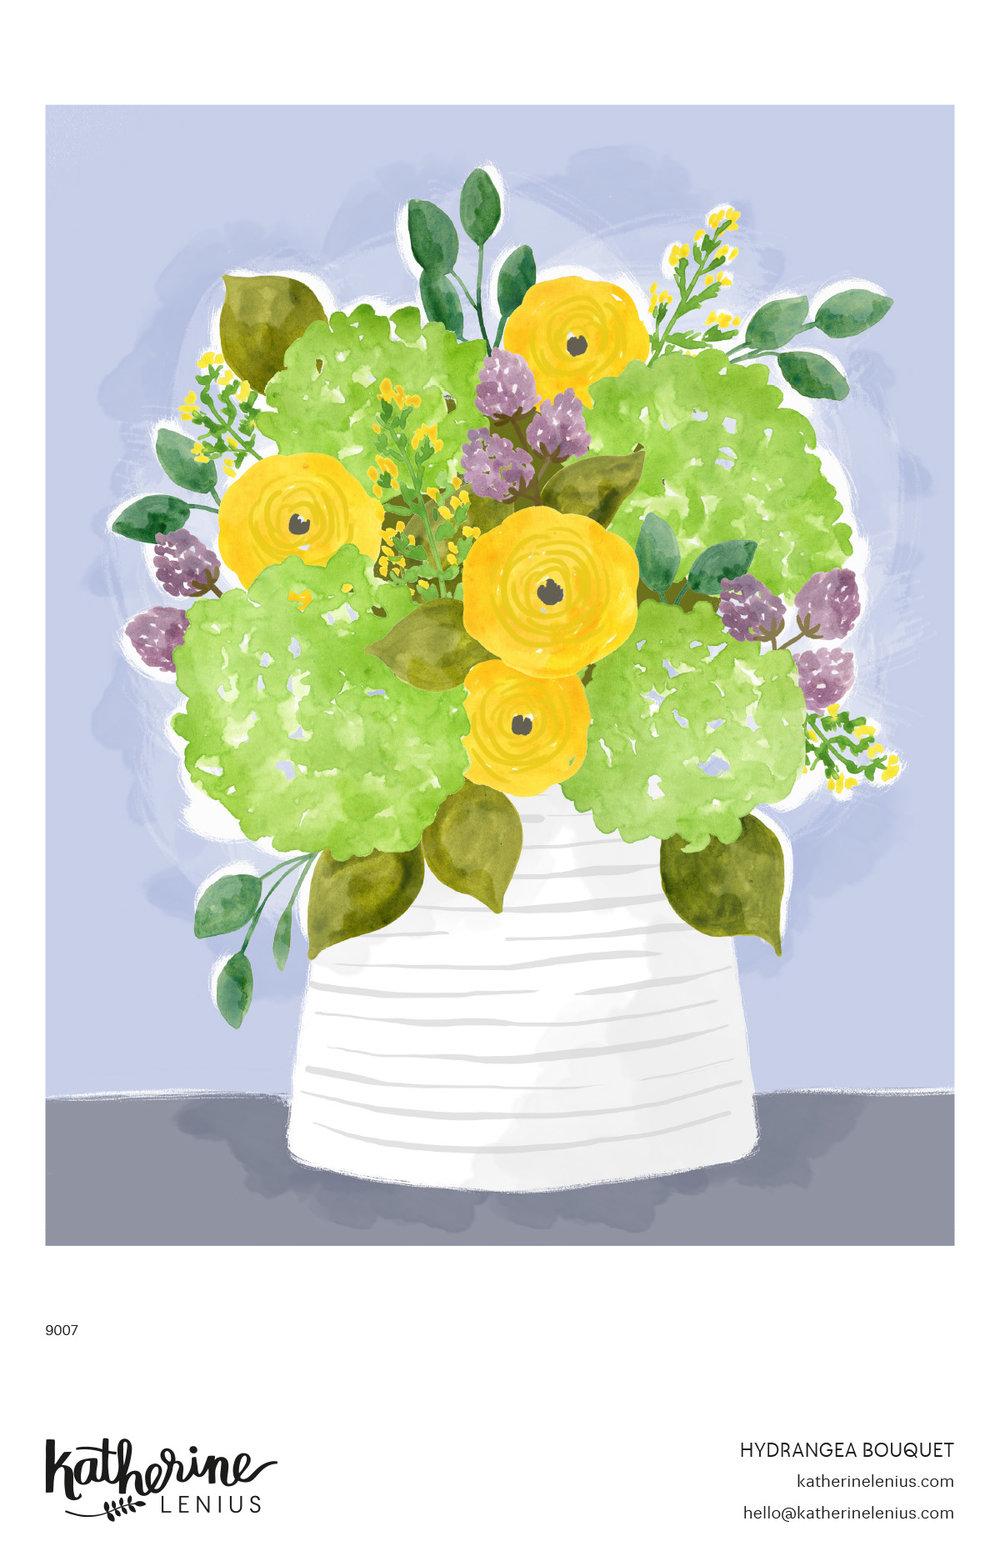 KL_9007_Hydrangea Bouquet copy.jpg